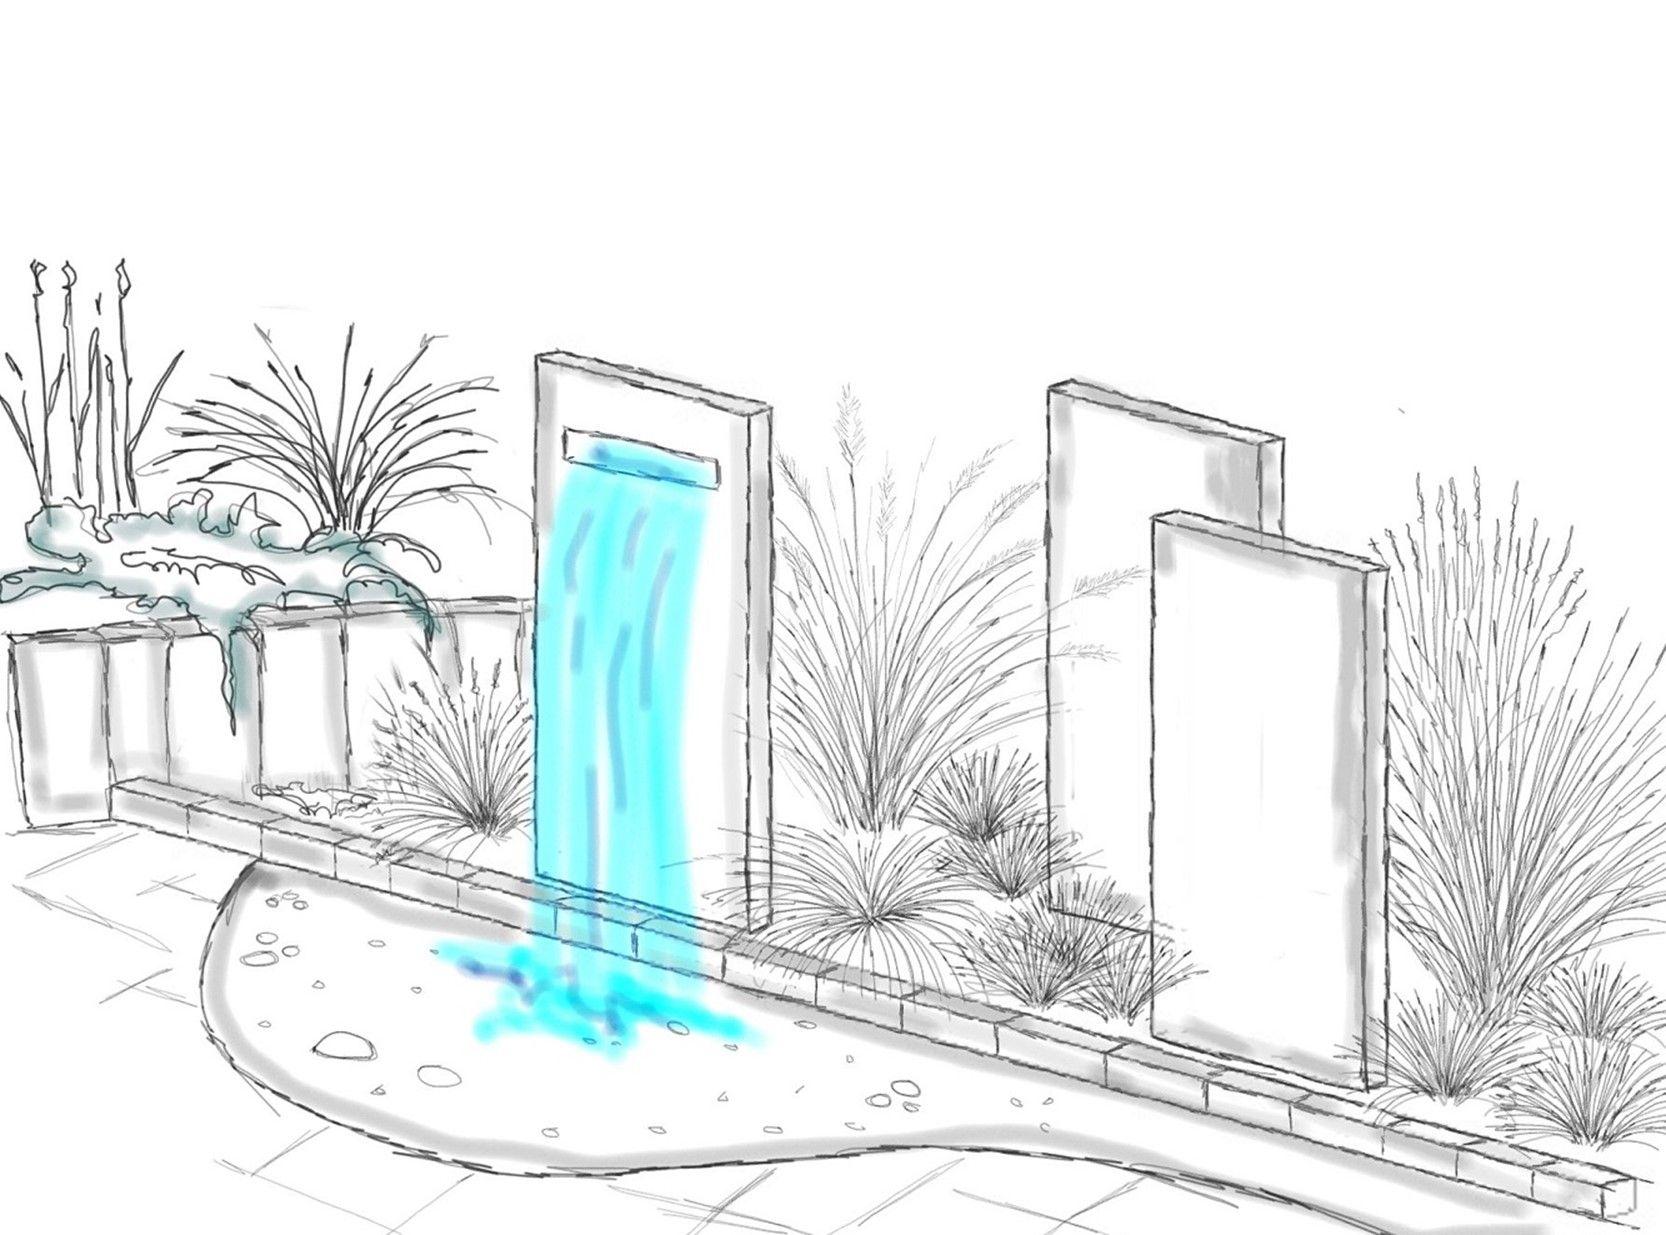 Die Gartenplaner Von Online Gartenwelt Planen Kreative, Individuelle  Gärten. Detaillierte, Umfassende Und